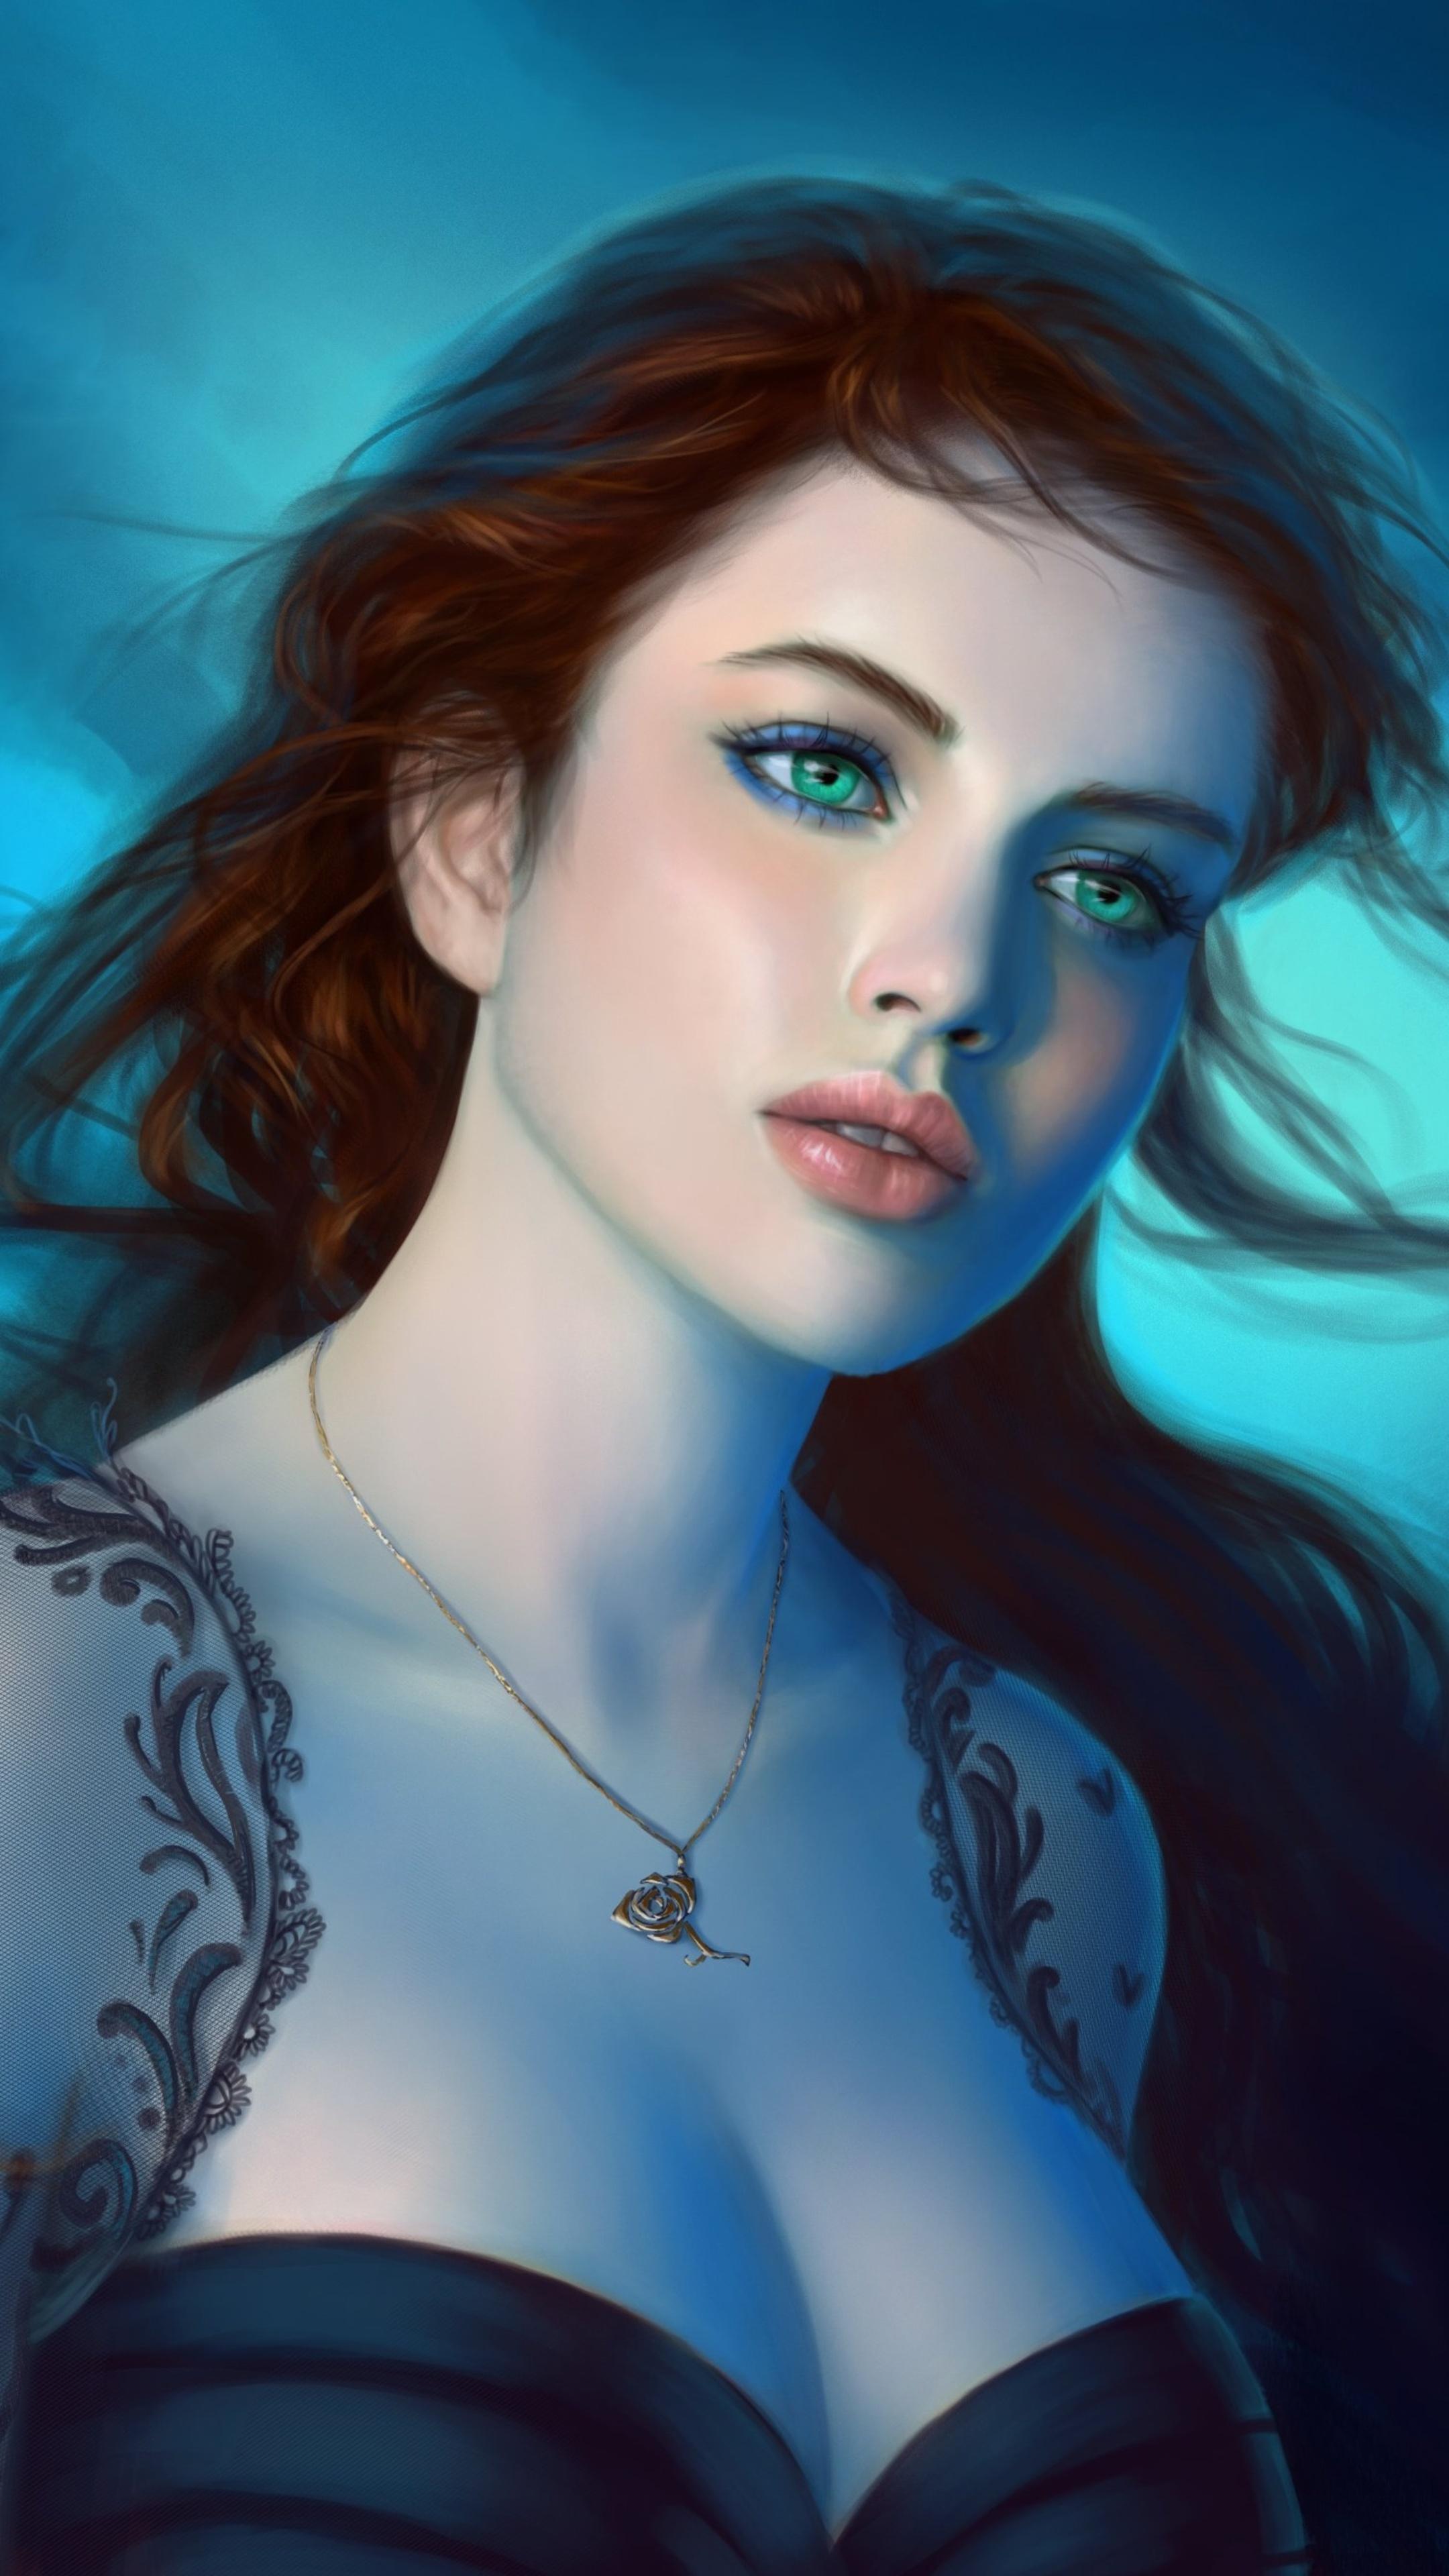 2160x3840 Fantasy Girl Green Eyes Sony Xperia X,XZ,Z5